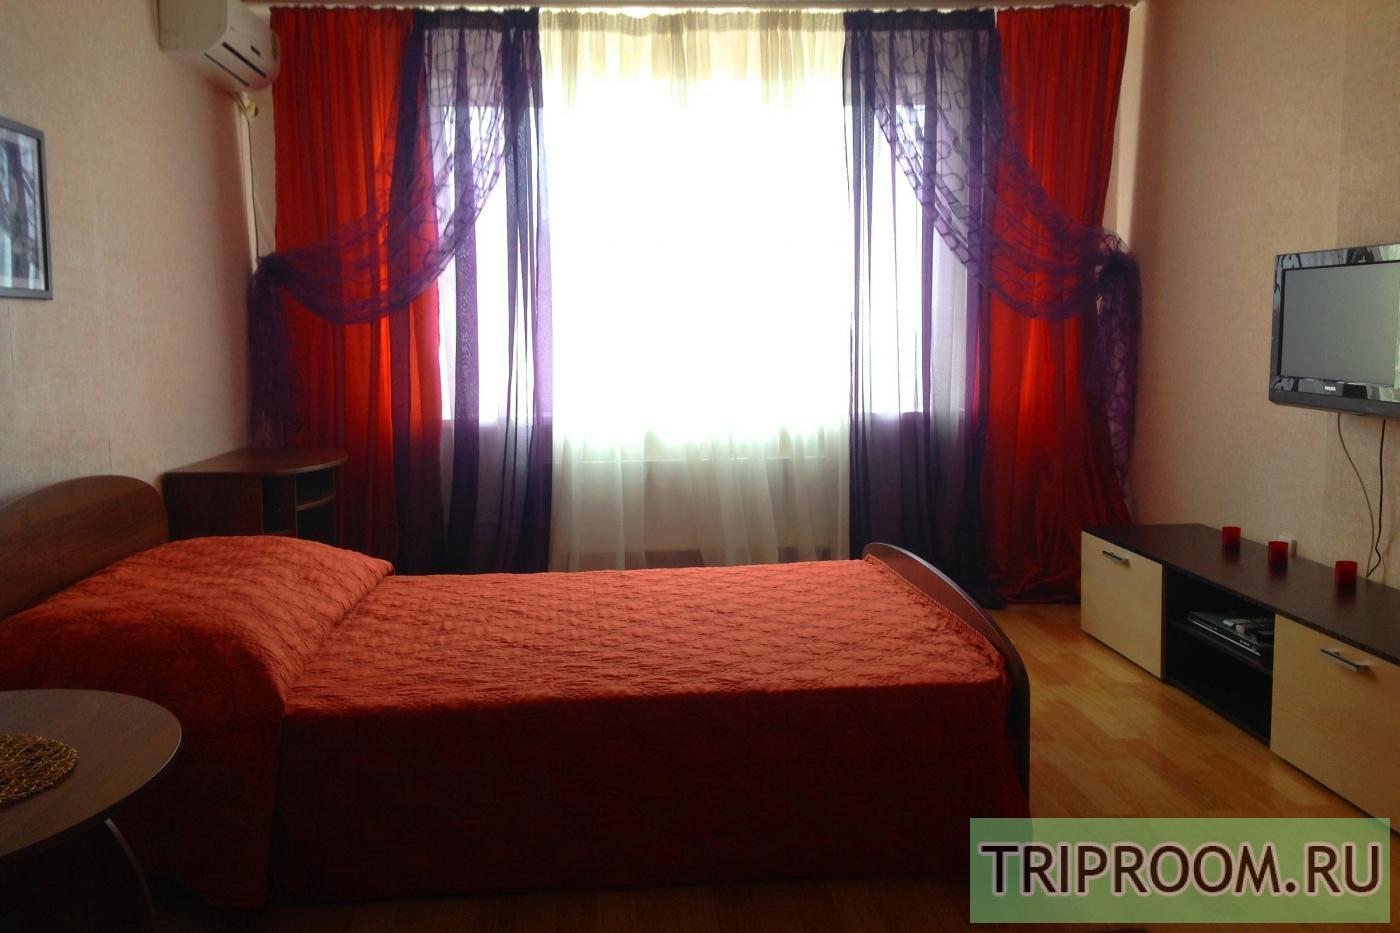 1-комнатная квартира посуточно (вариант № 7419), ул. Черкасская улица, фото № 2